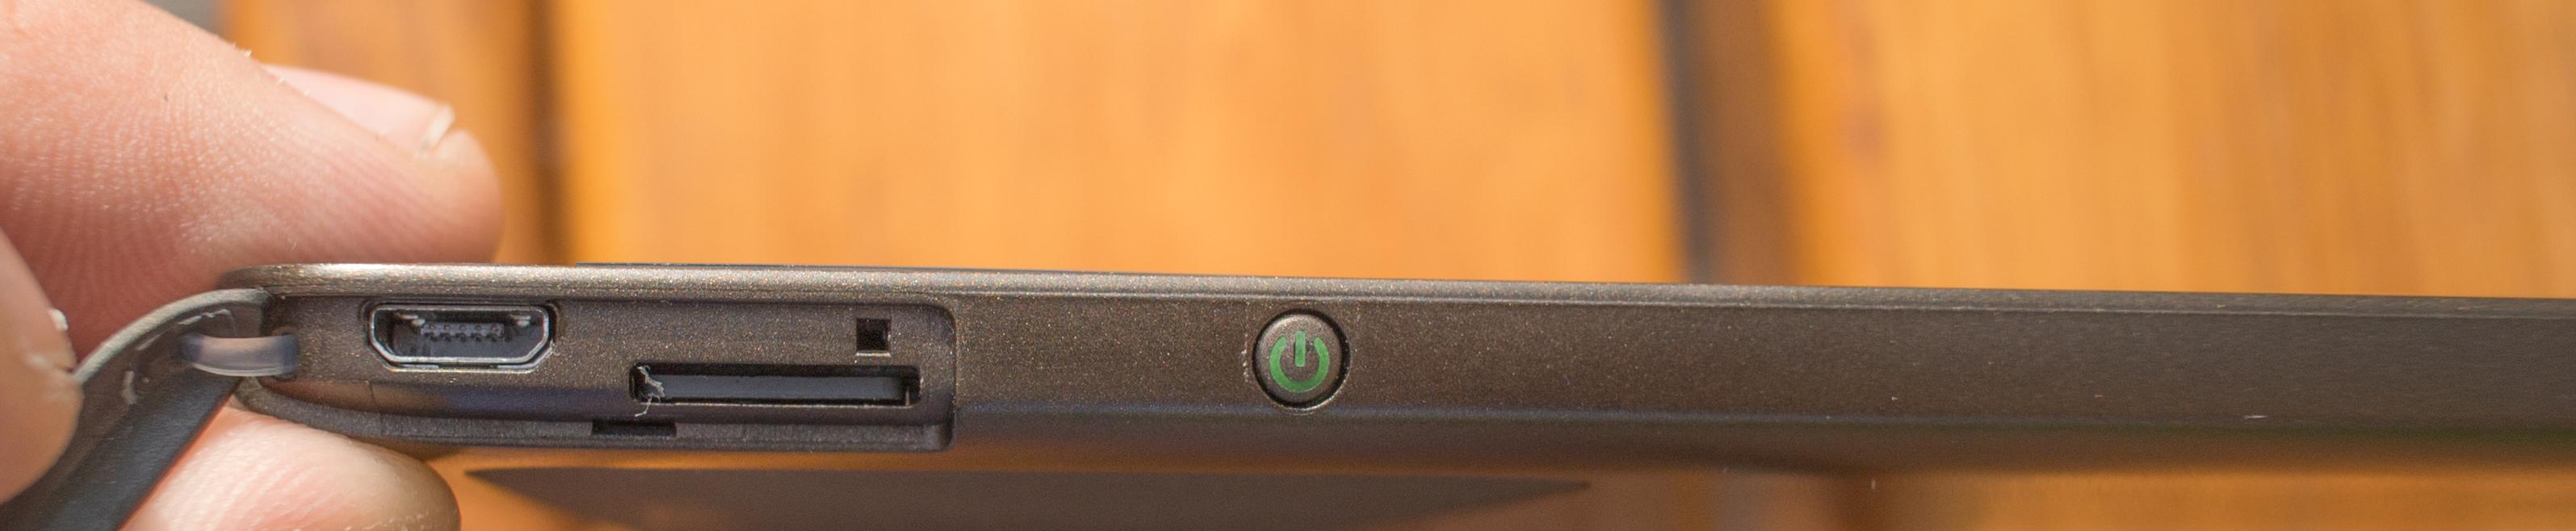 InkPad-17